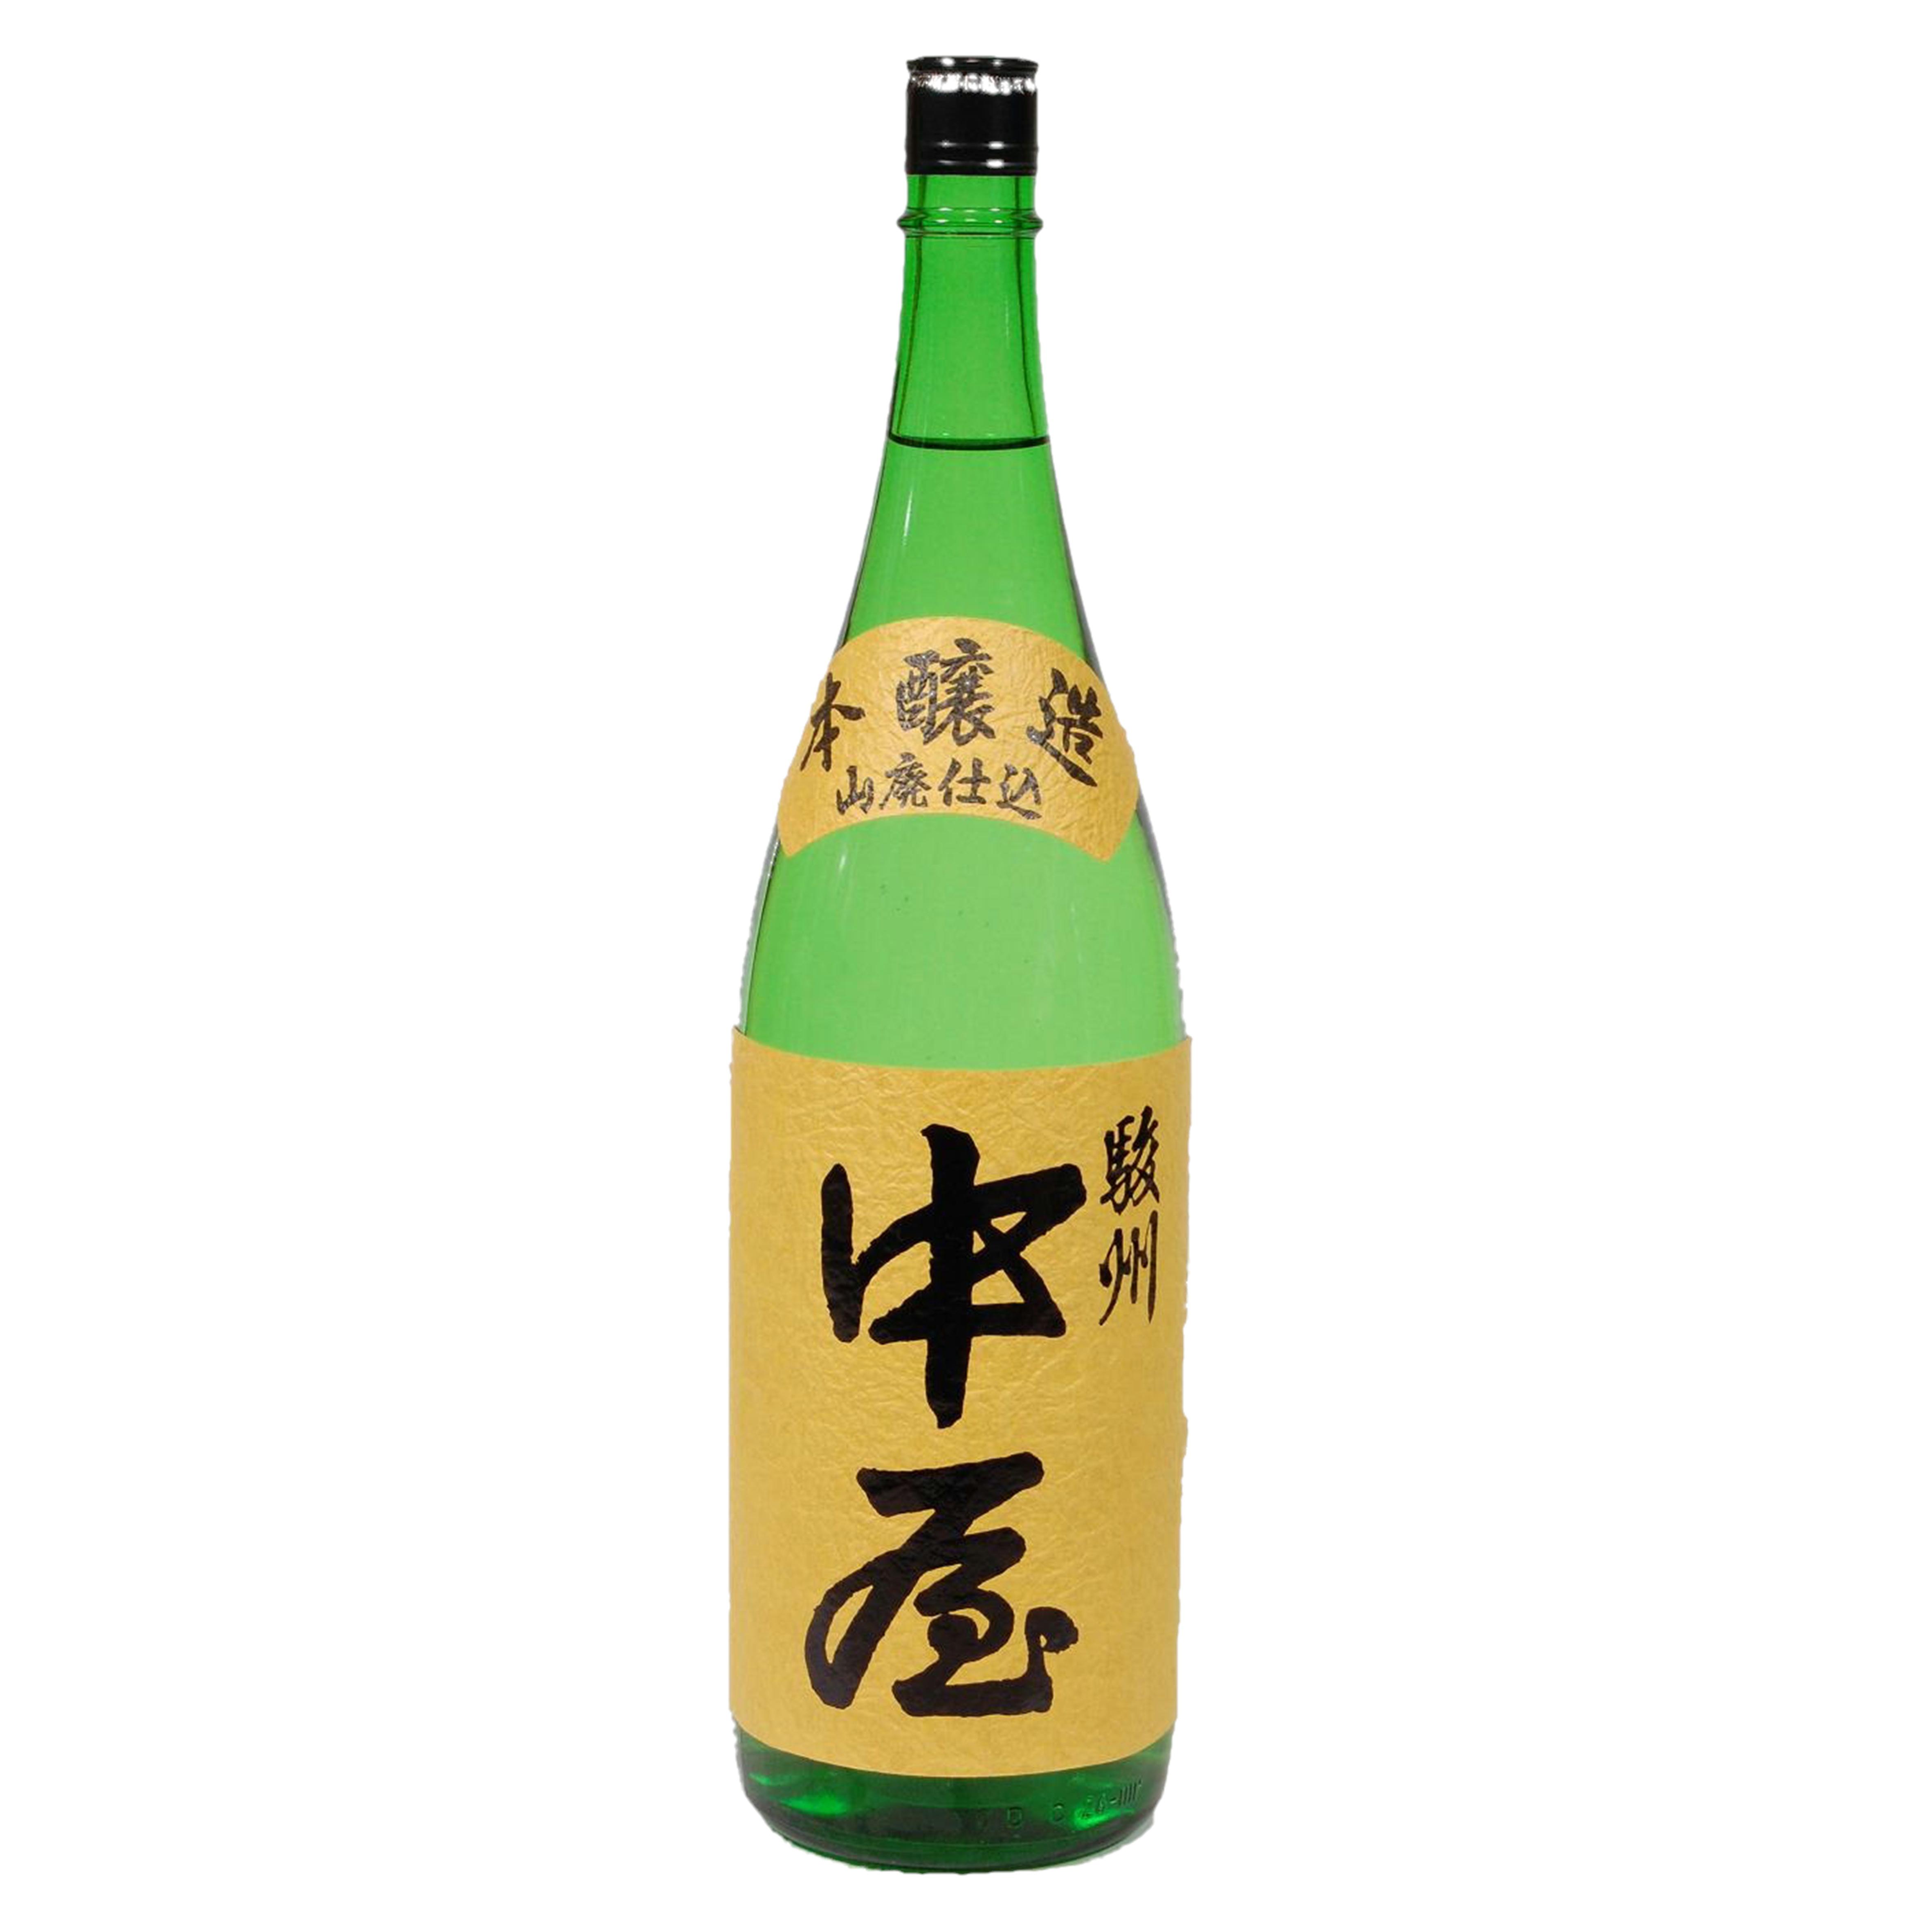 駿州 中屋 山廃本醸造 1800ml